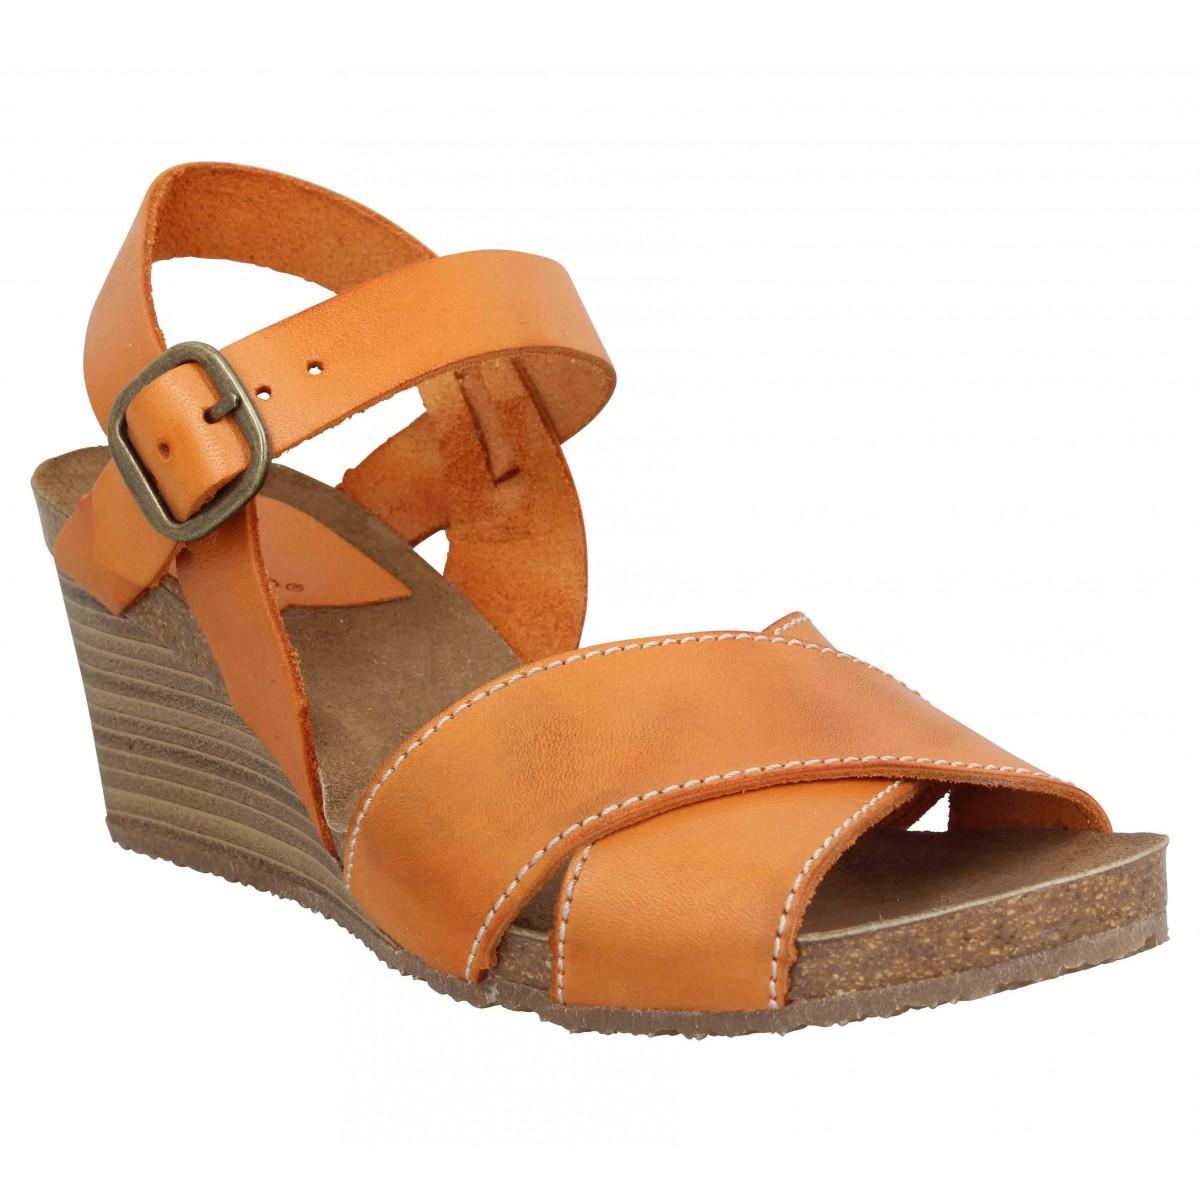 Kickers Femme Salambo Cuir -41-orange